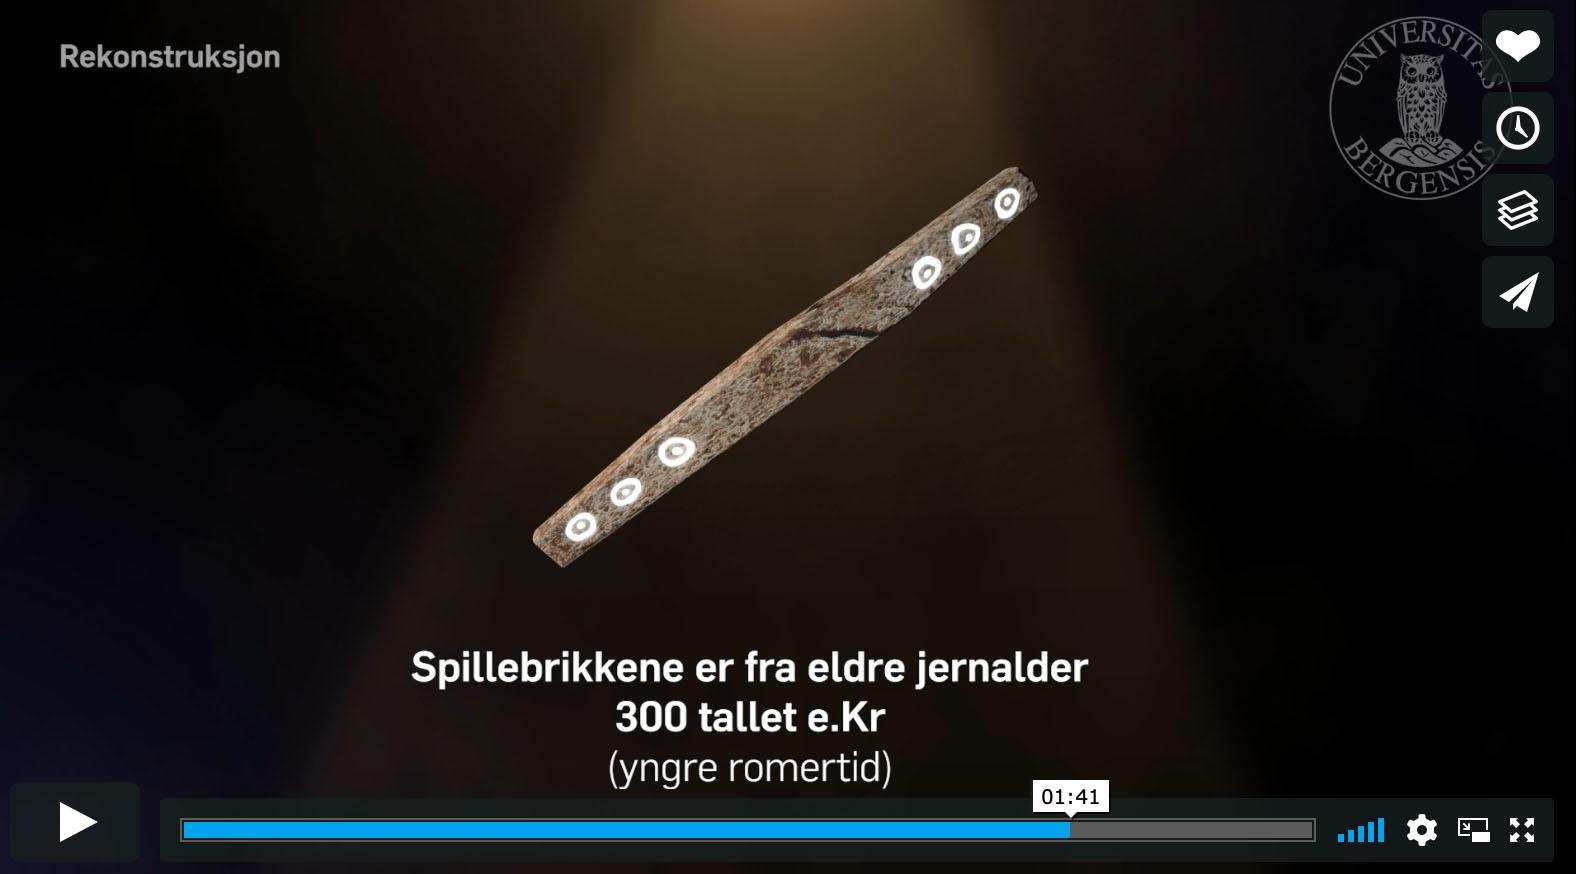 jeu de société vieux de 1 700 ans video